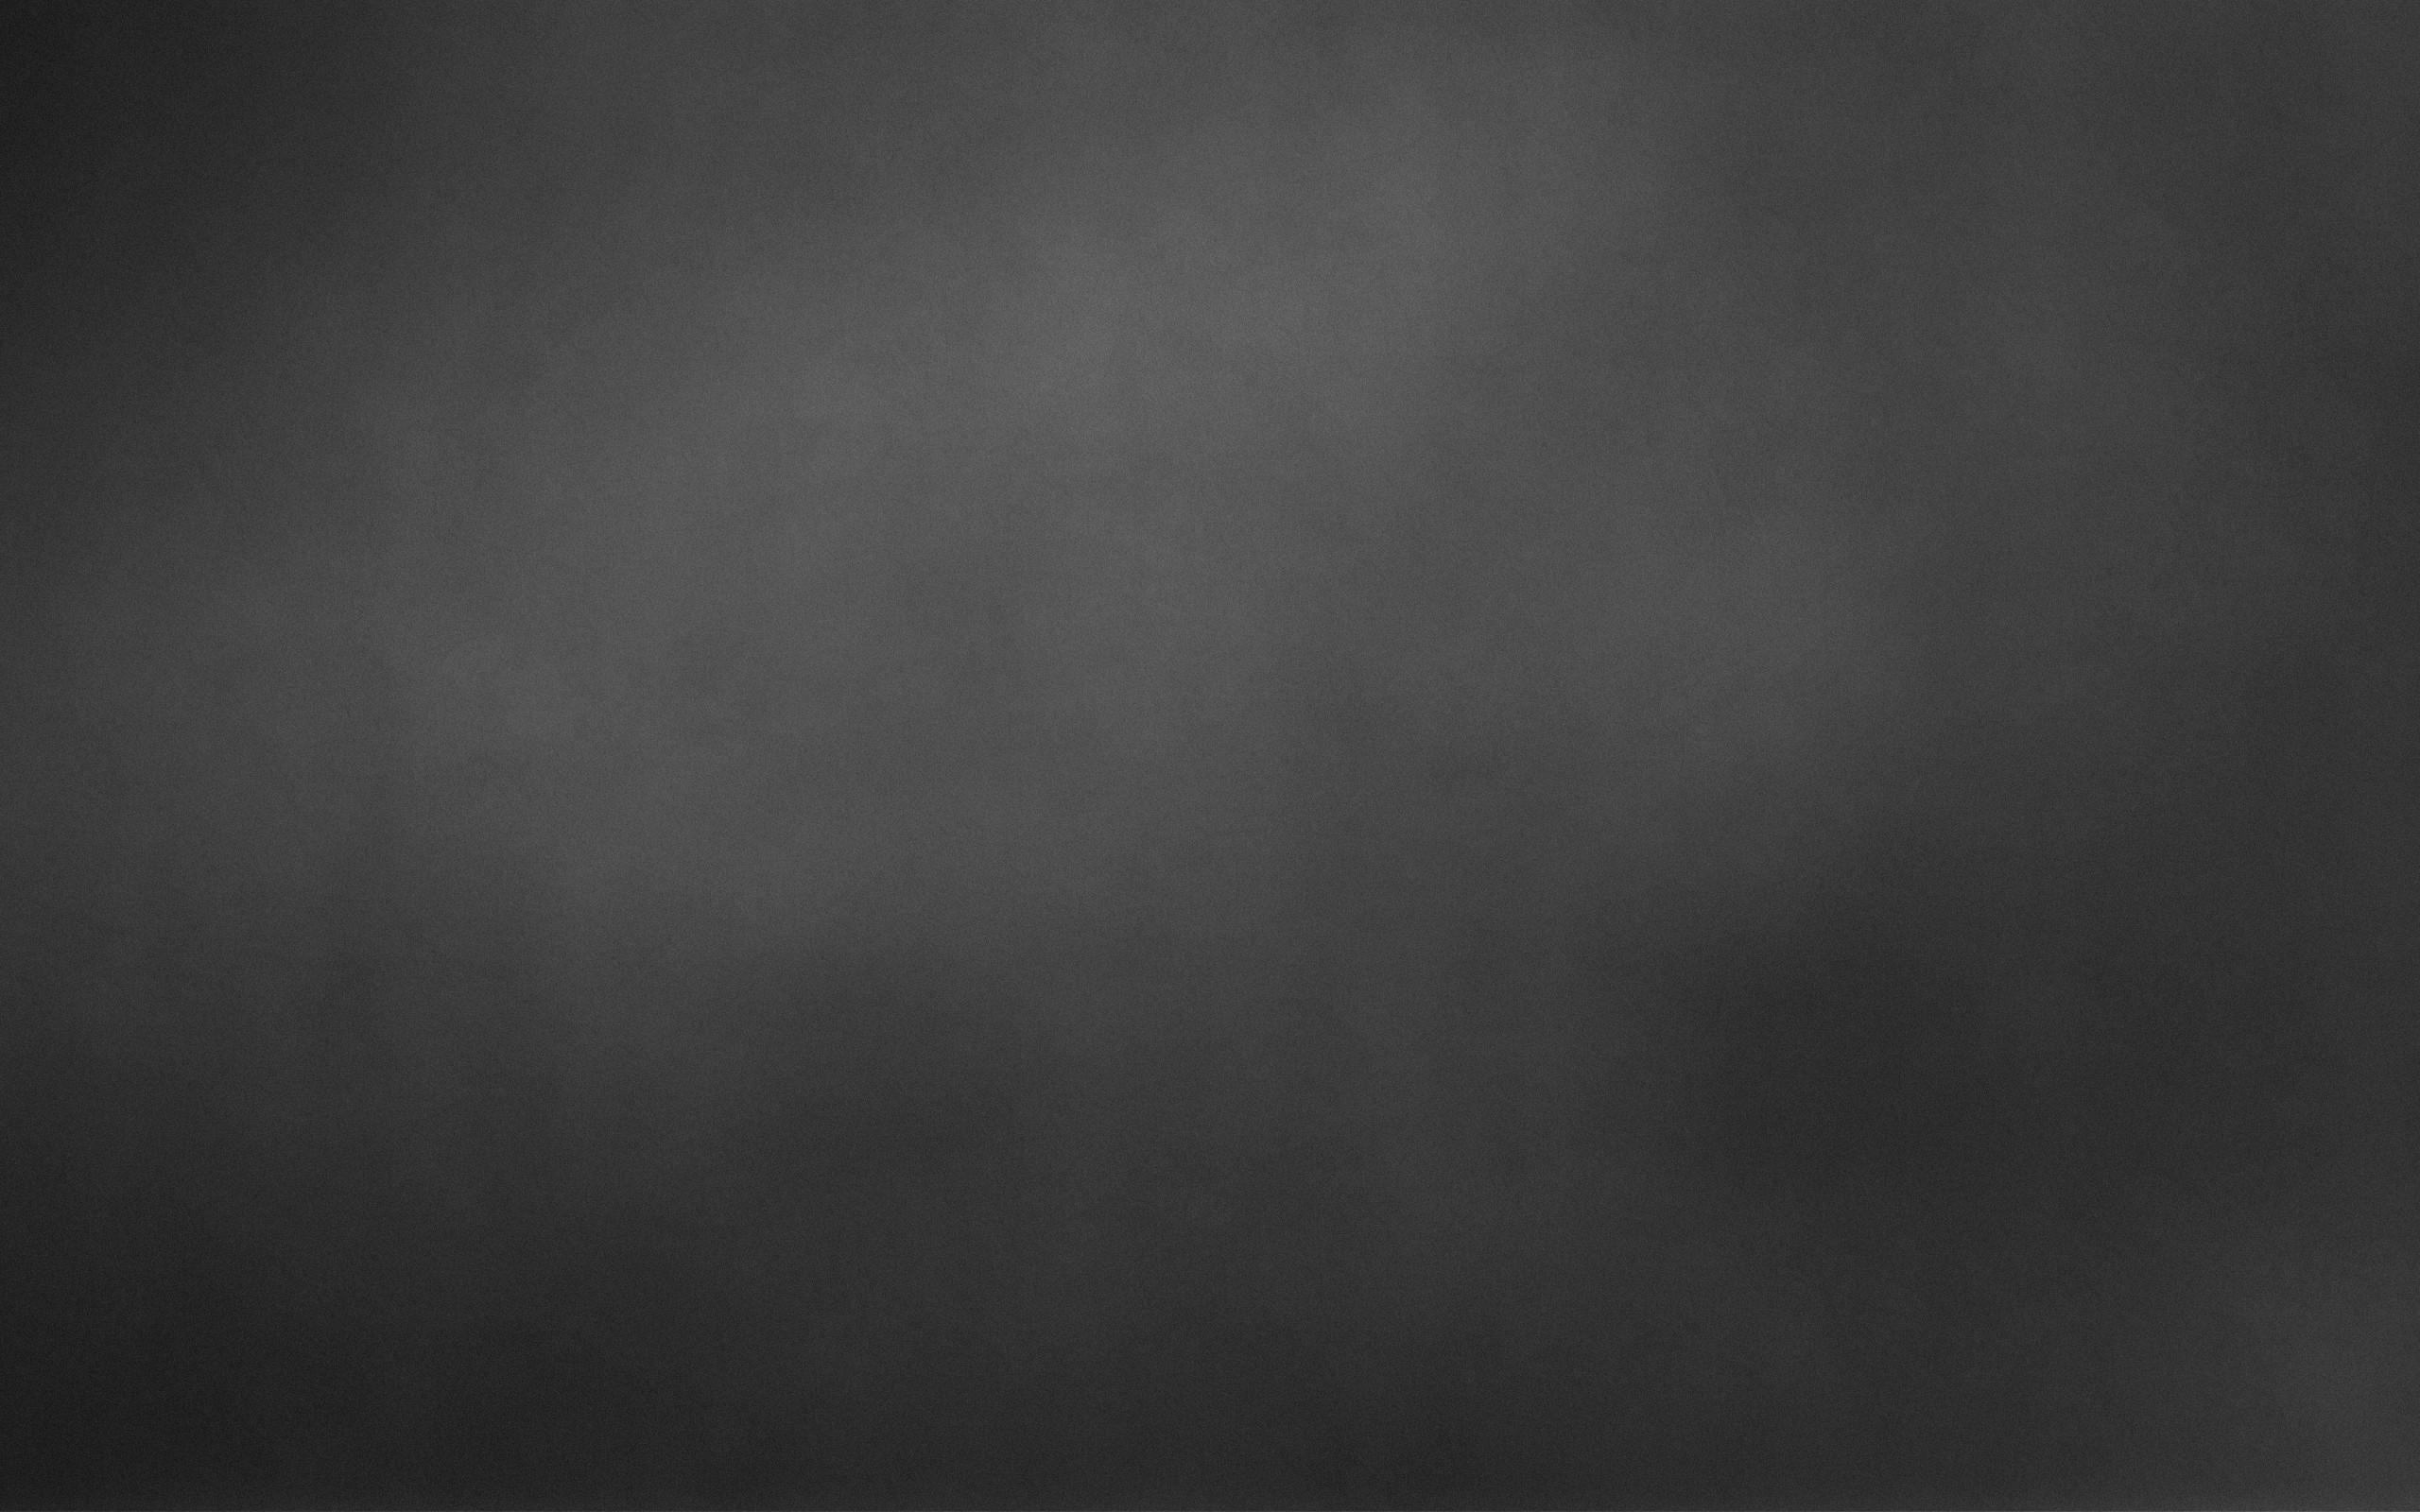 Grey wallpapers wallpapersafari for Fondo de pantalla gris